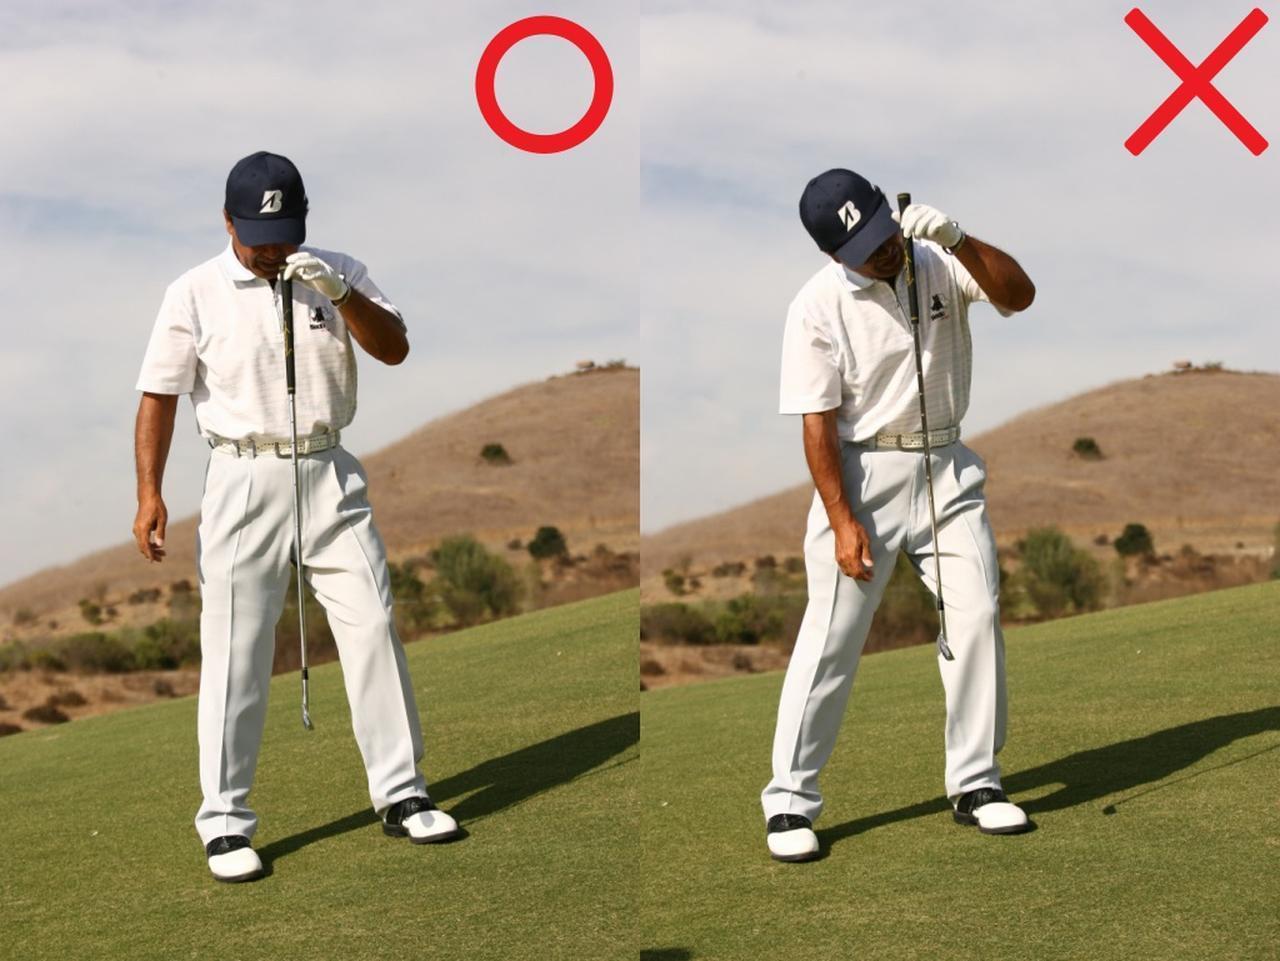 画像: ピンにぶつけるぐらいでちょうどいい!? 打ち上げホールでショートを防ぐ打ち方・考え方【倉本昌弘の本番に強くなるゴルフ】 - みんなのゴルフダイジェスト